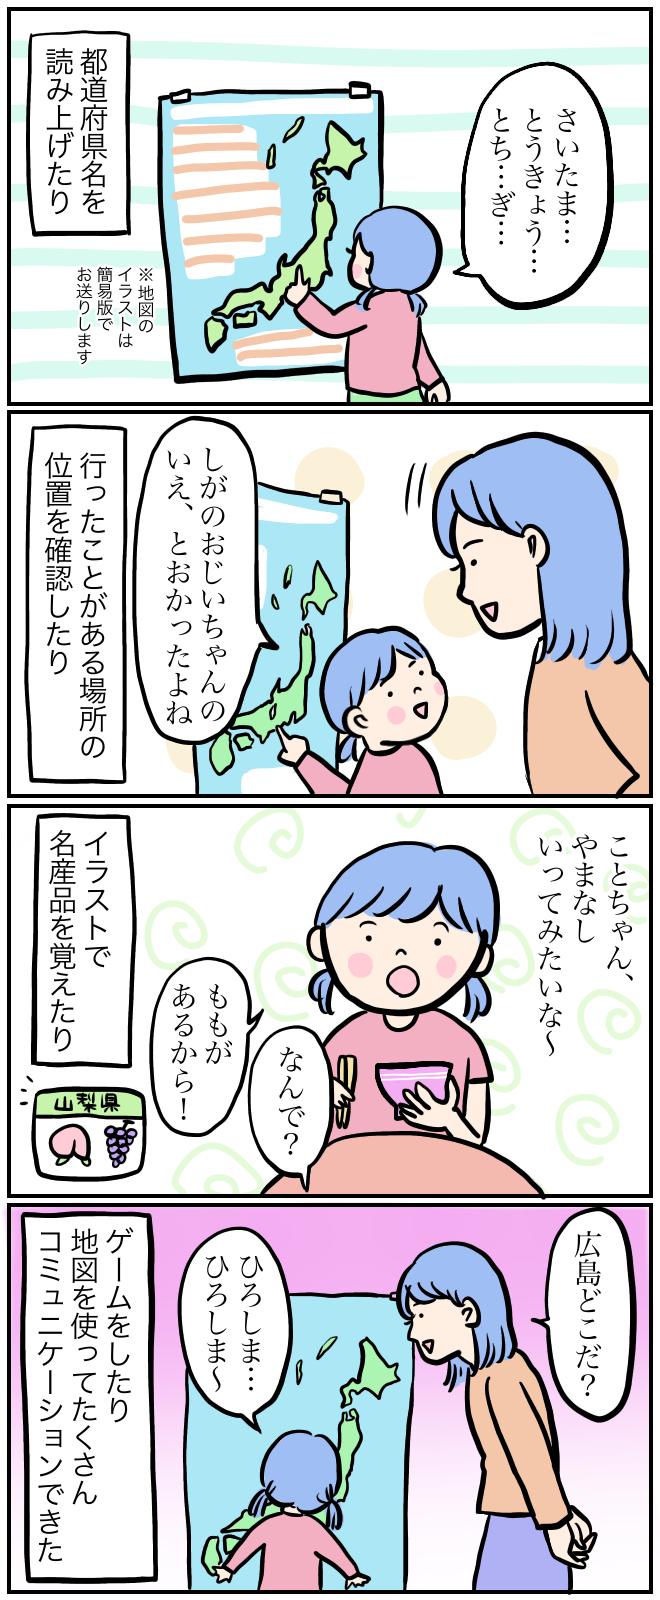 都道府県に興味を持った娘…子どもの学びどきを実感した出来事【こしいみほの愉快な子育て 第14話】